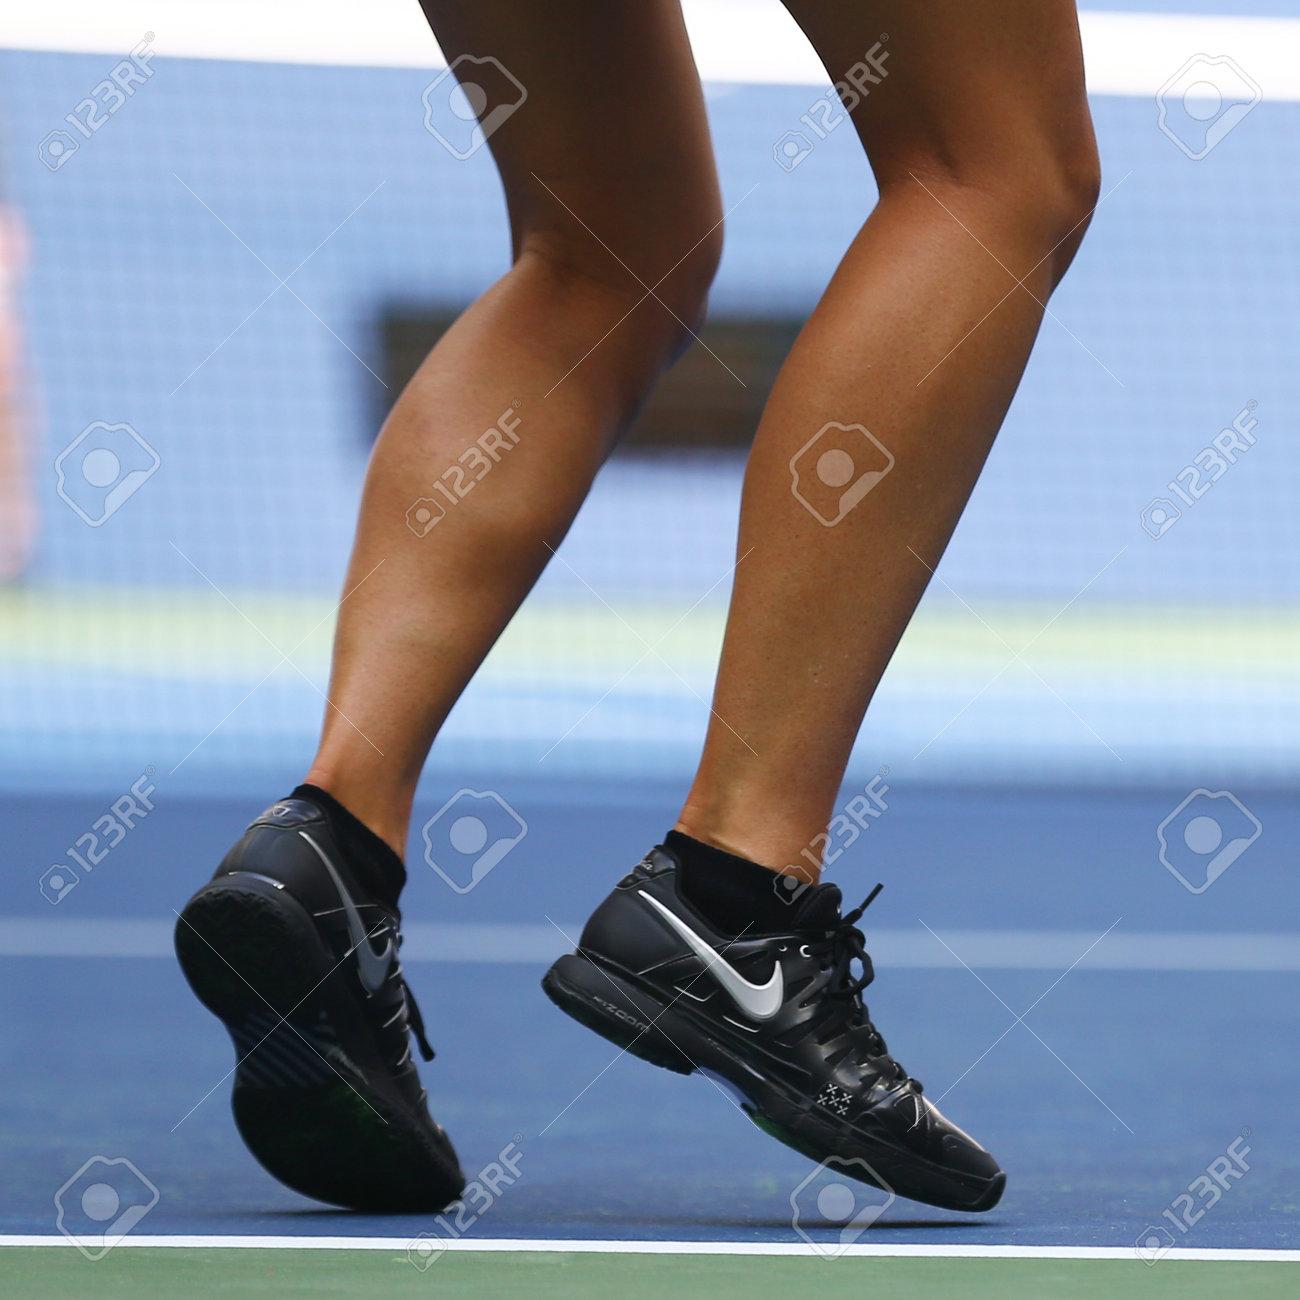 Sinceramente Chicle danés  NUEVA YORK - 27 De Agosto, 2017: Cinco Veces Campeón De Grand Slam Maria  Sharapova De La Federación Rusa Viste Zapatillas De Nike Personalizadas  Durante La Práctica Del US Open 2017 En